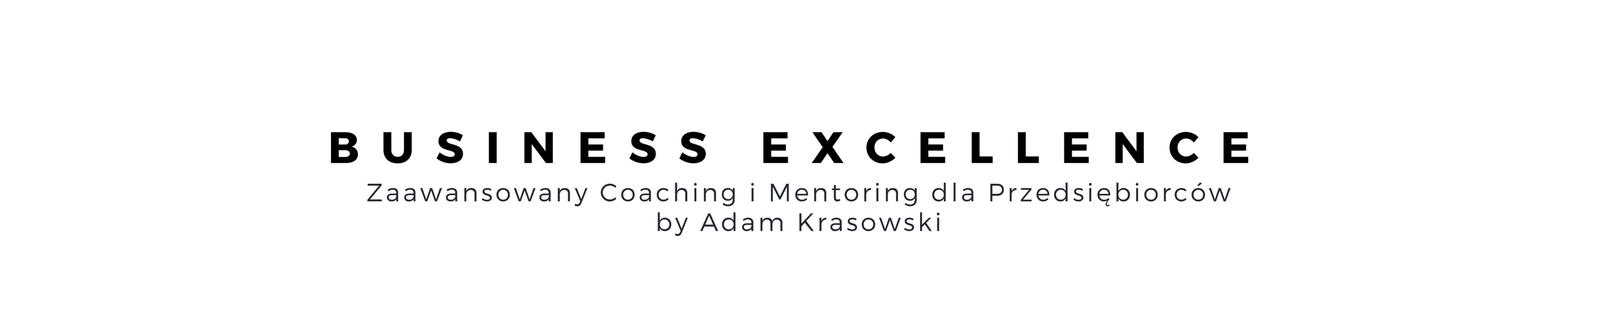 Adam Krasowski | Business Excellence - Wyższy sens biznesu - Służąc klientom każdego dnia